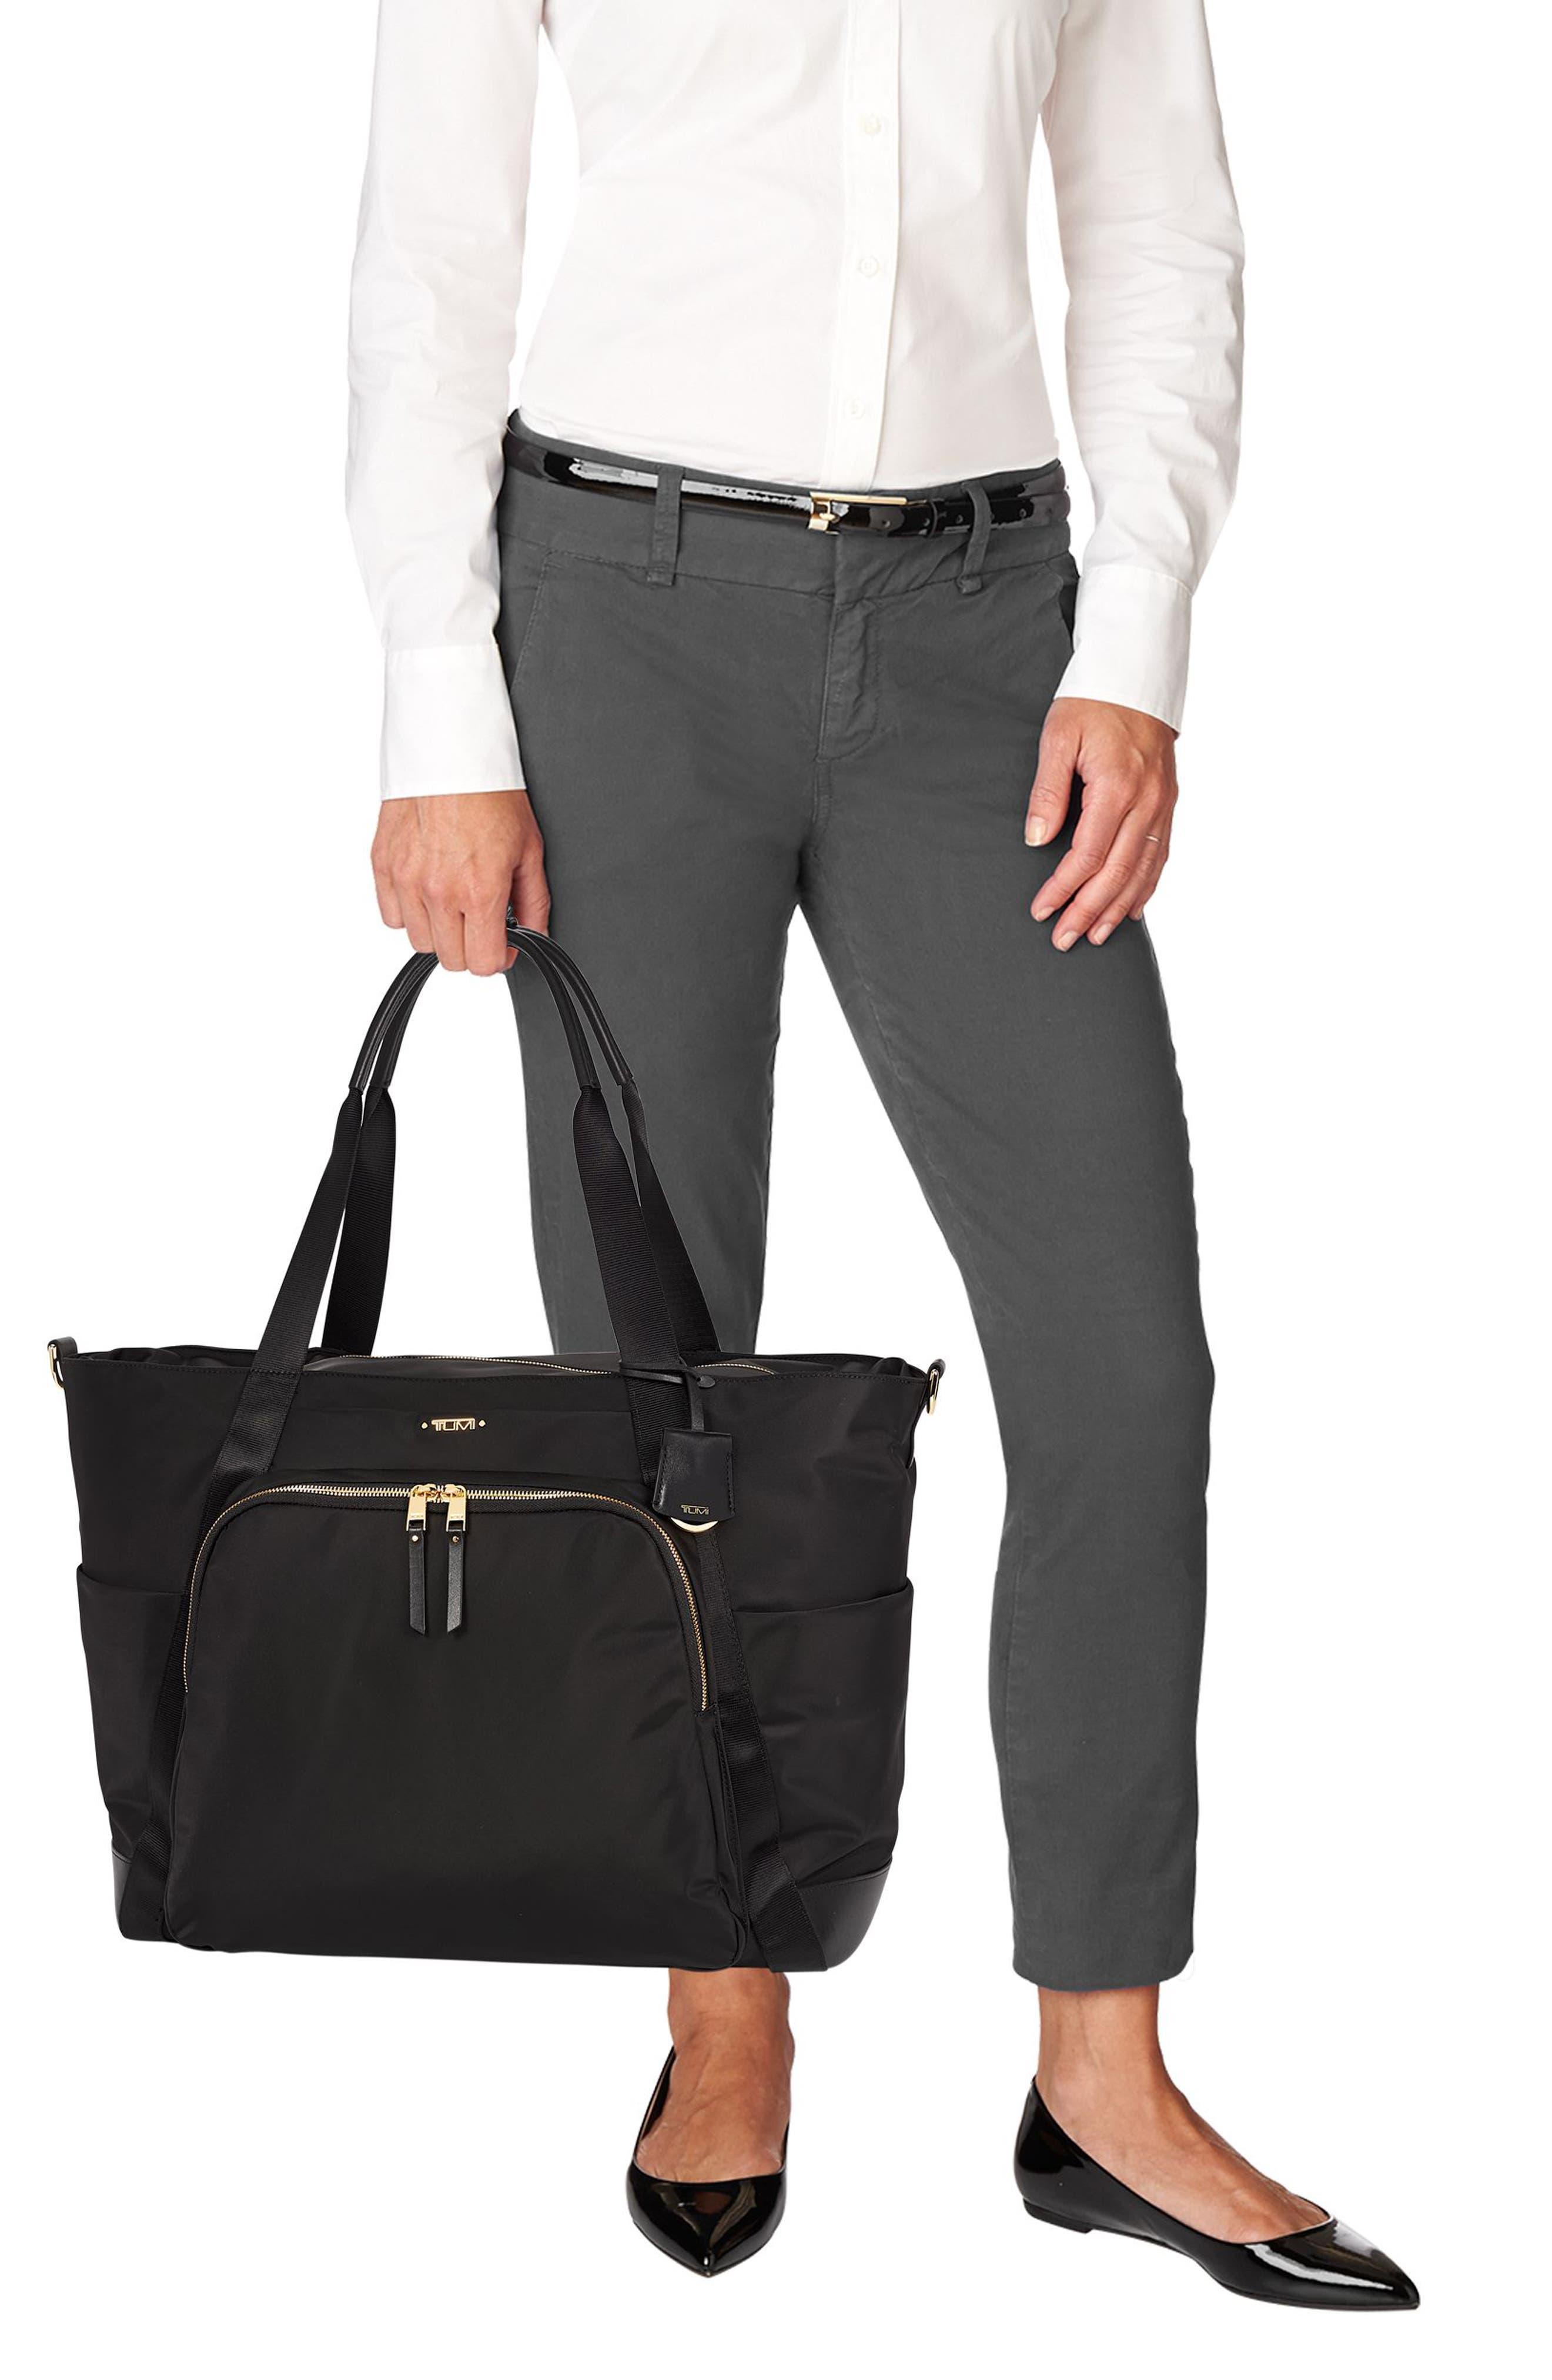 bfe0357deb Tumi Handbags   Purses